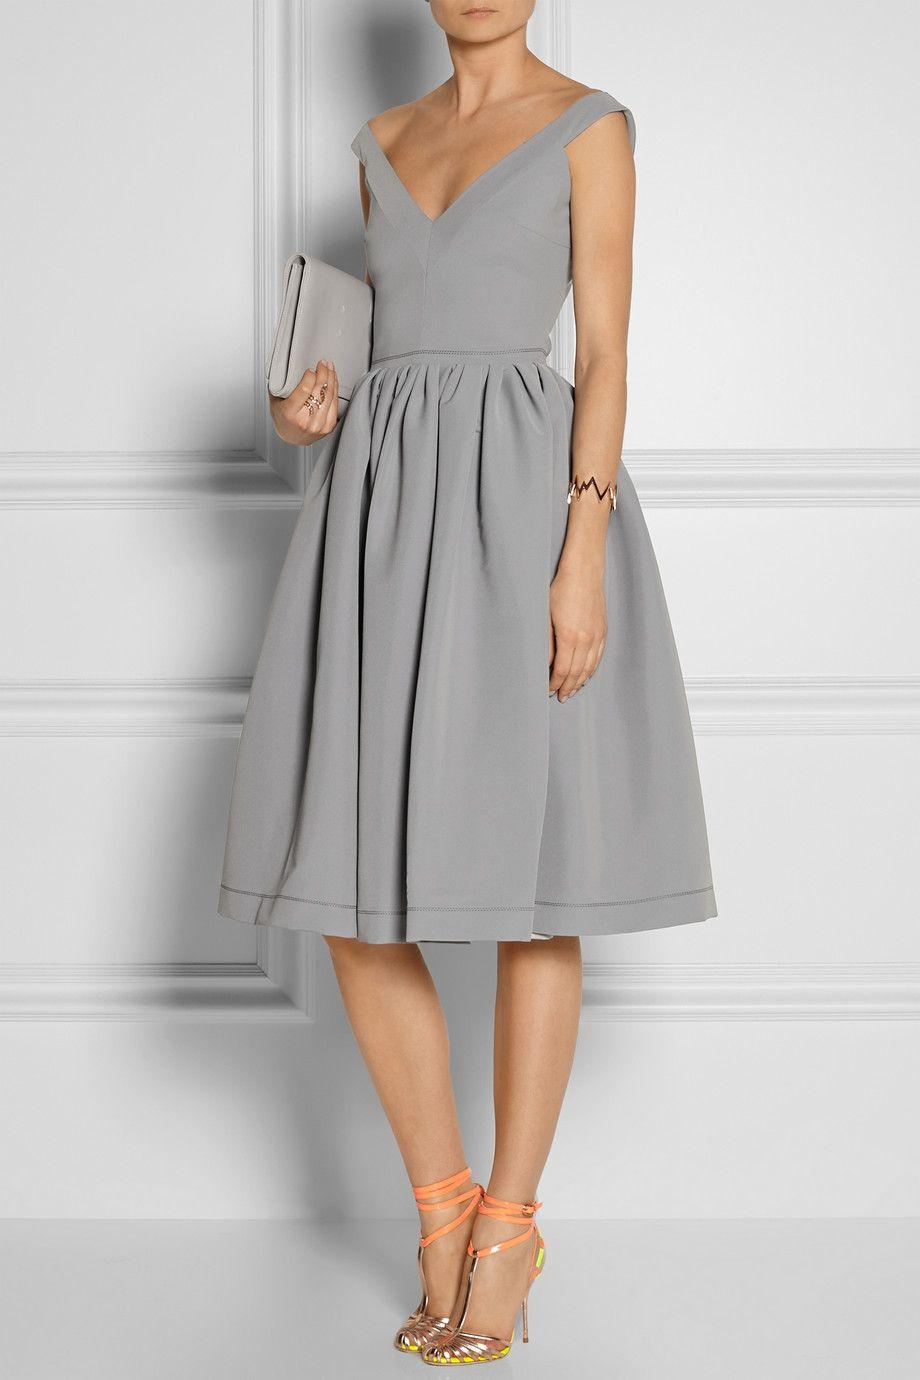 kleid mit romantischer x linie n h ideen kleider pinterest ausgestelltes kleid kleider. Black Bedroom Furniture Sets. Home Design Ideas